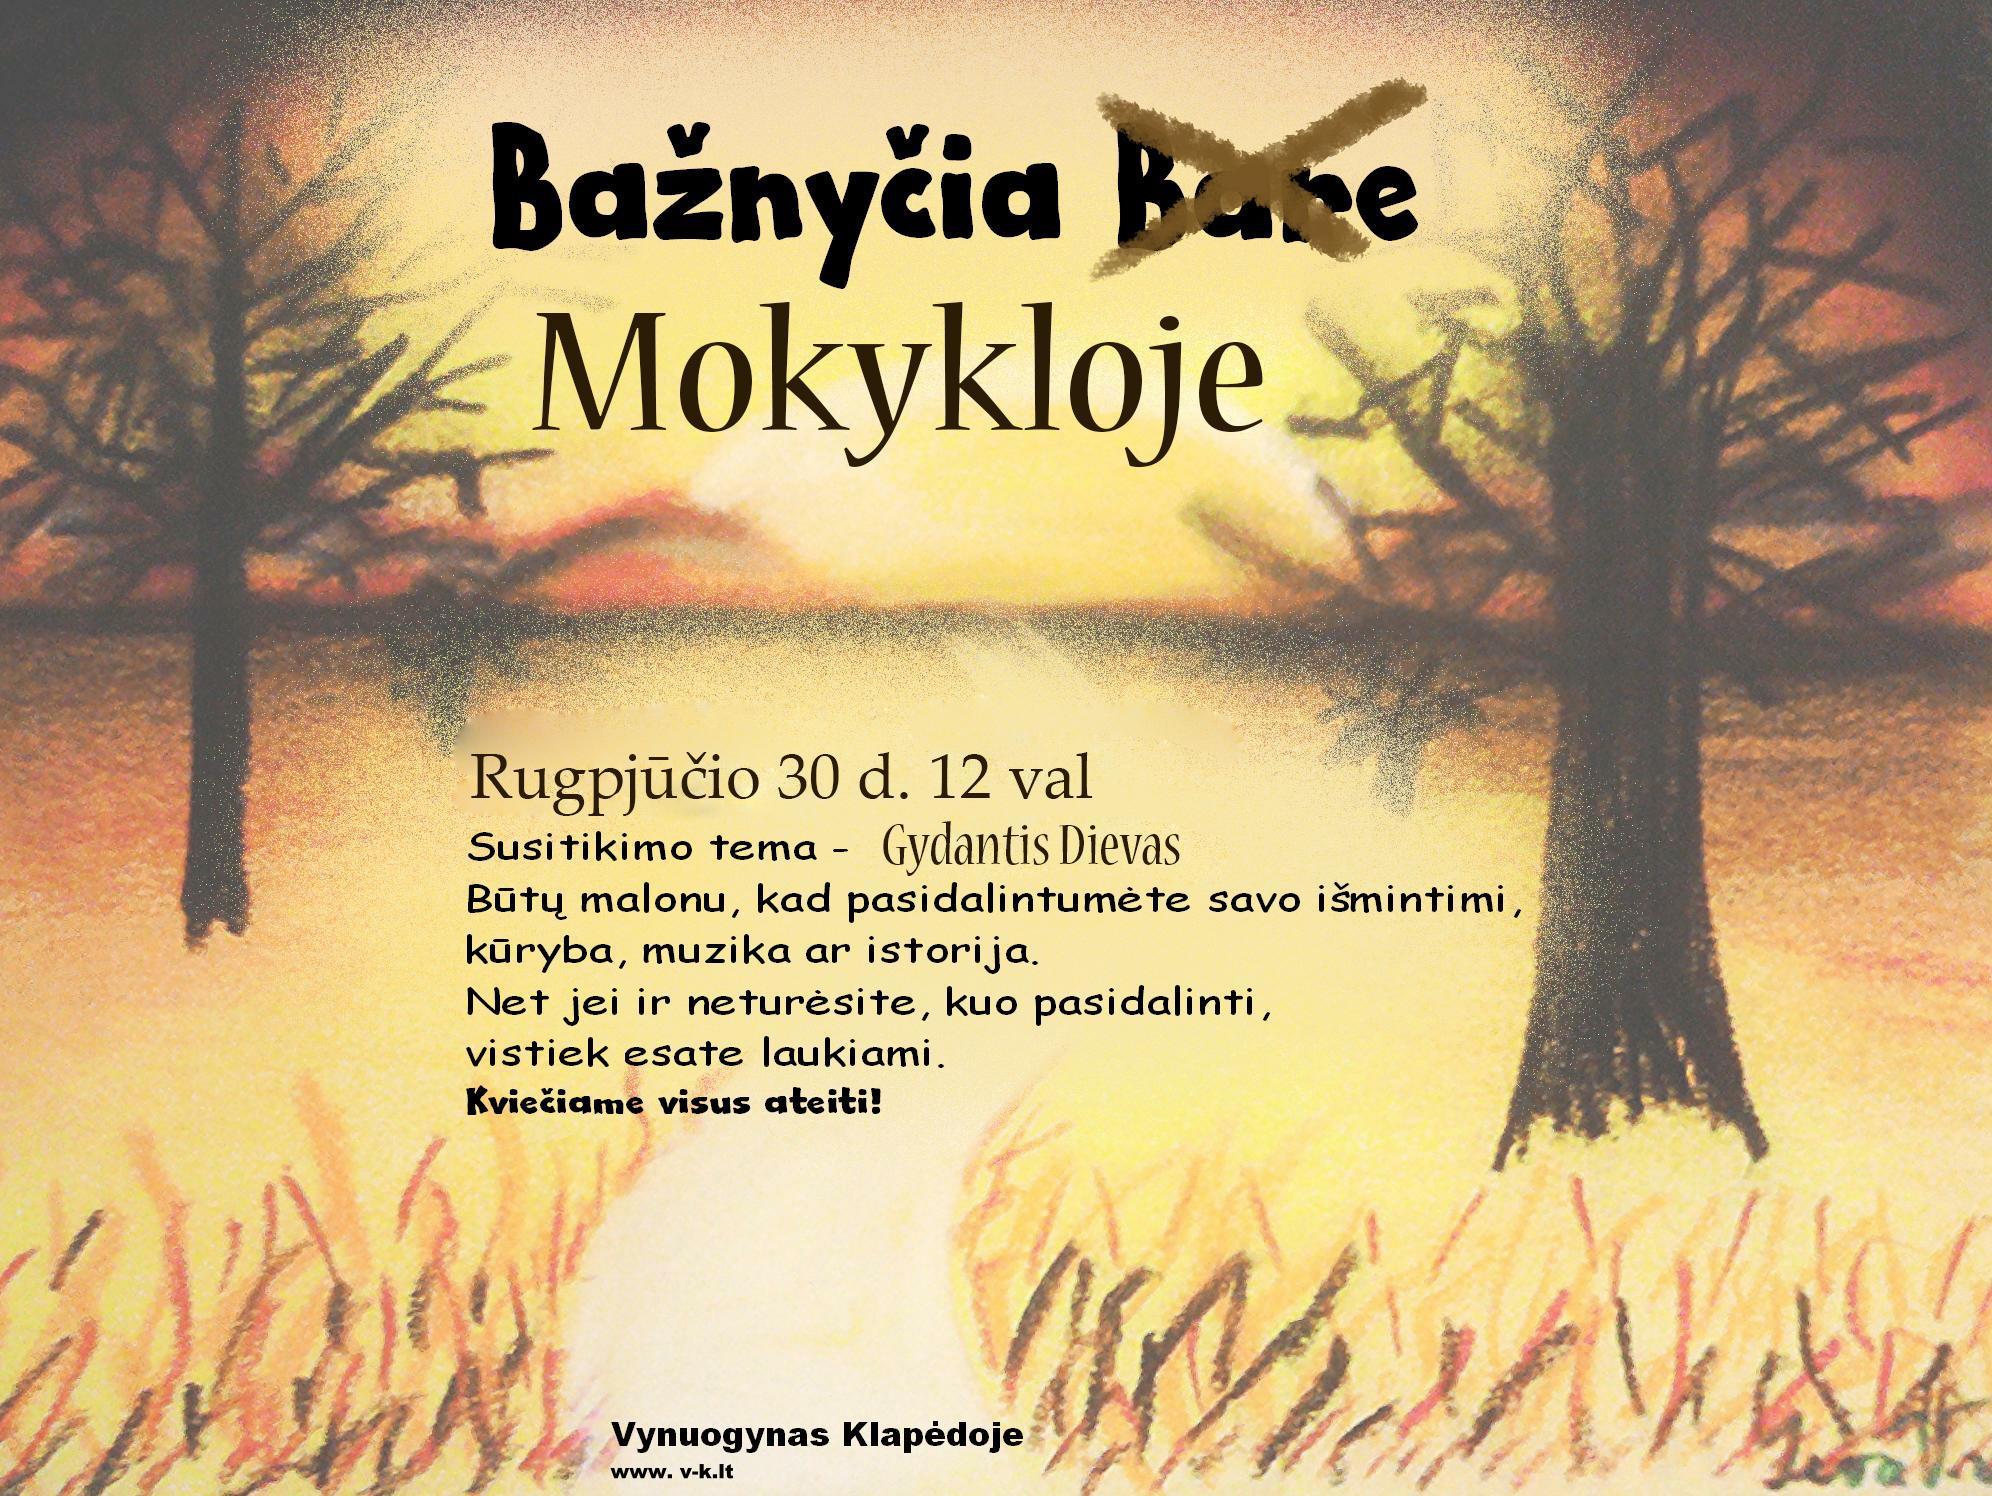 Baznycia Bare